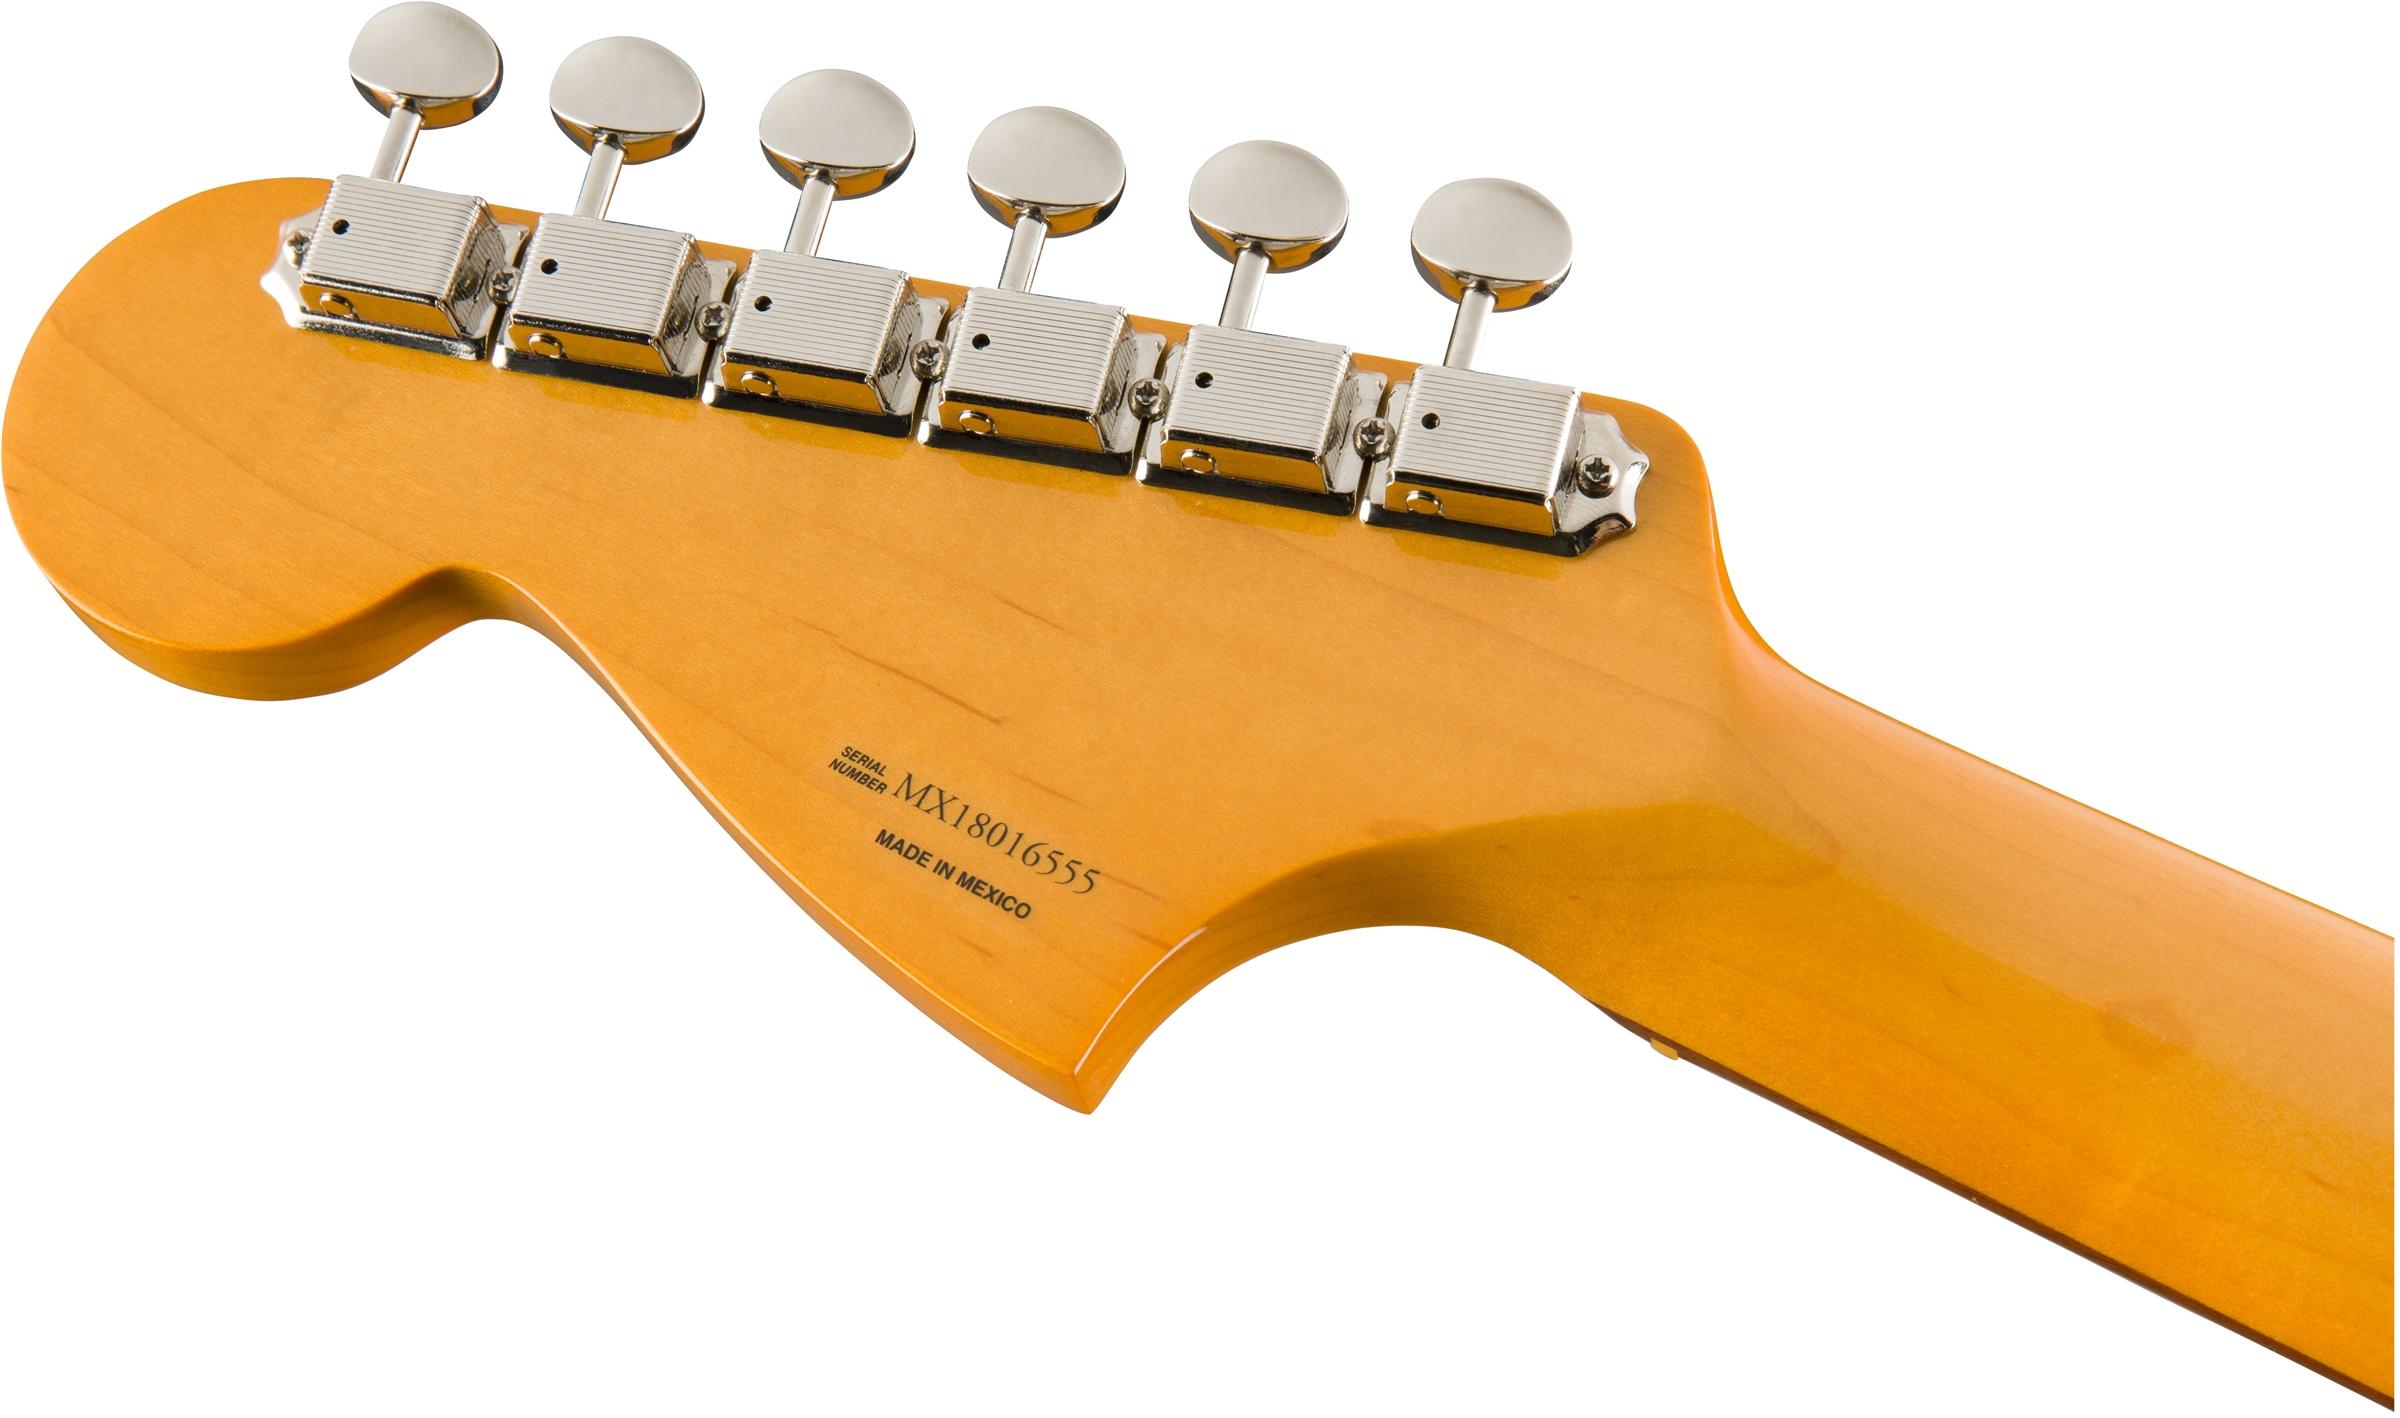 60s jaguar® lacquer | electric guitars